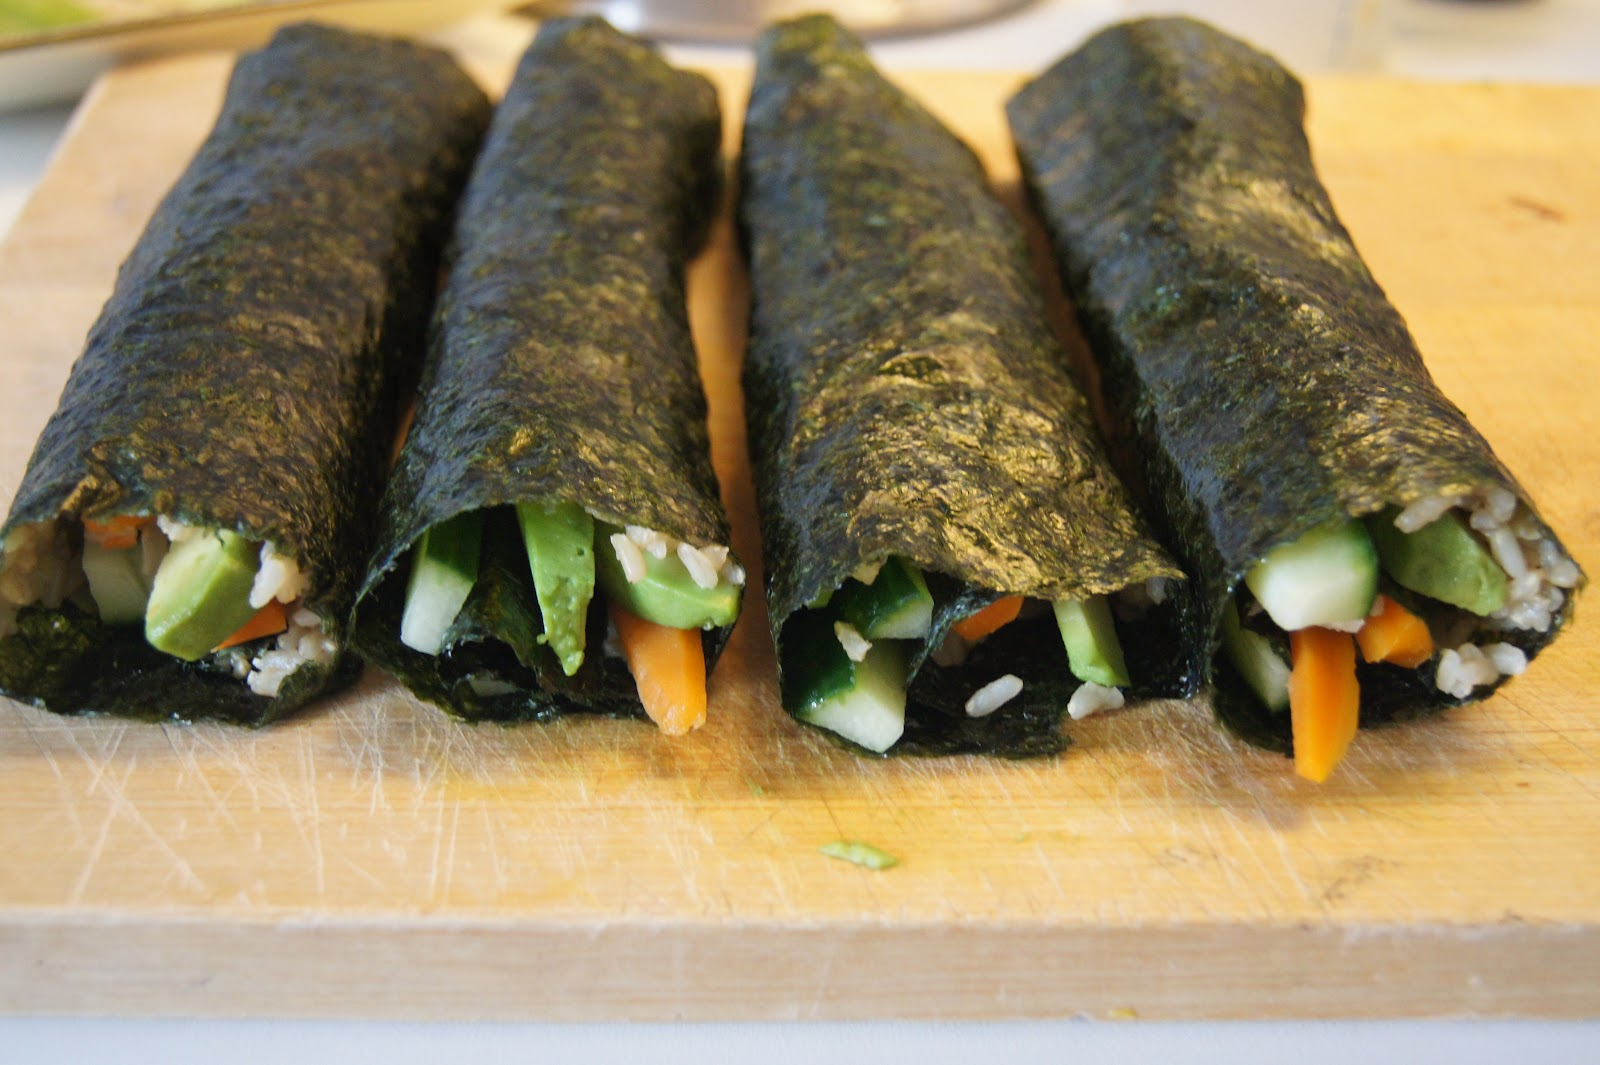 Vegan Brown Rice Sushi Rolls With Soy Sauce | Gluten-Free-Vegan-Girl